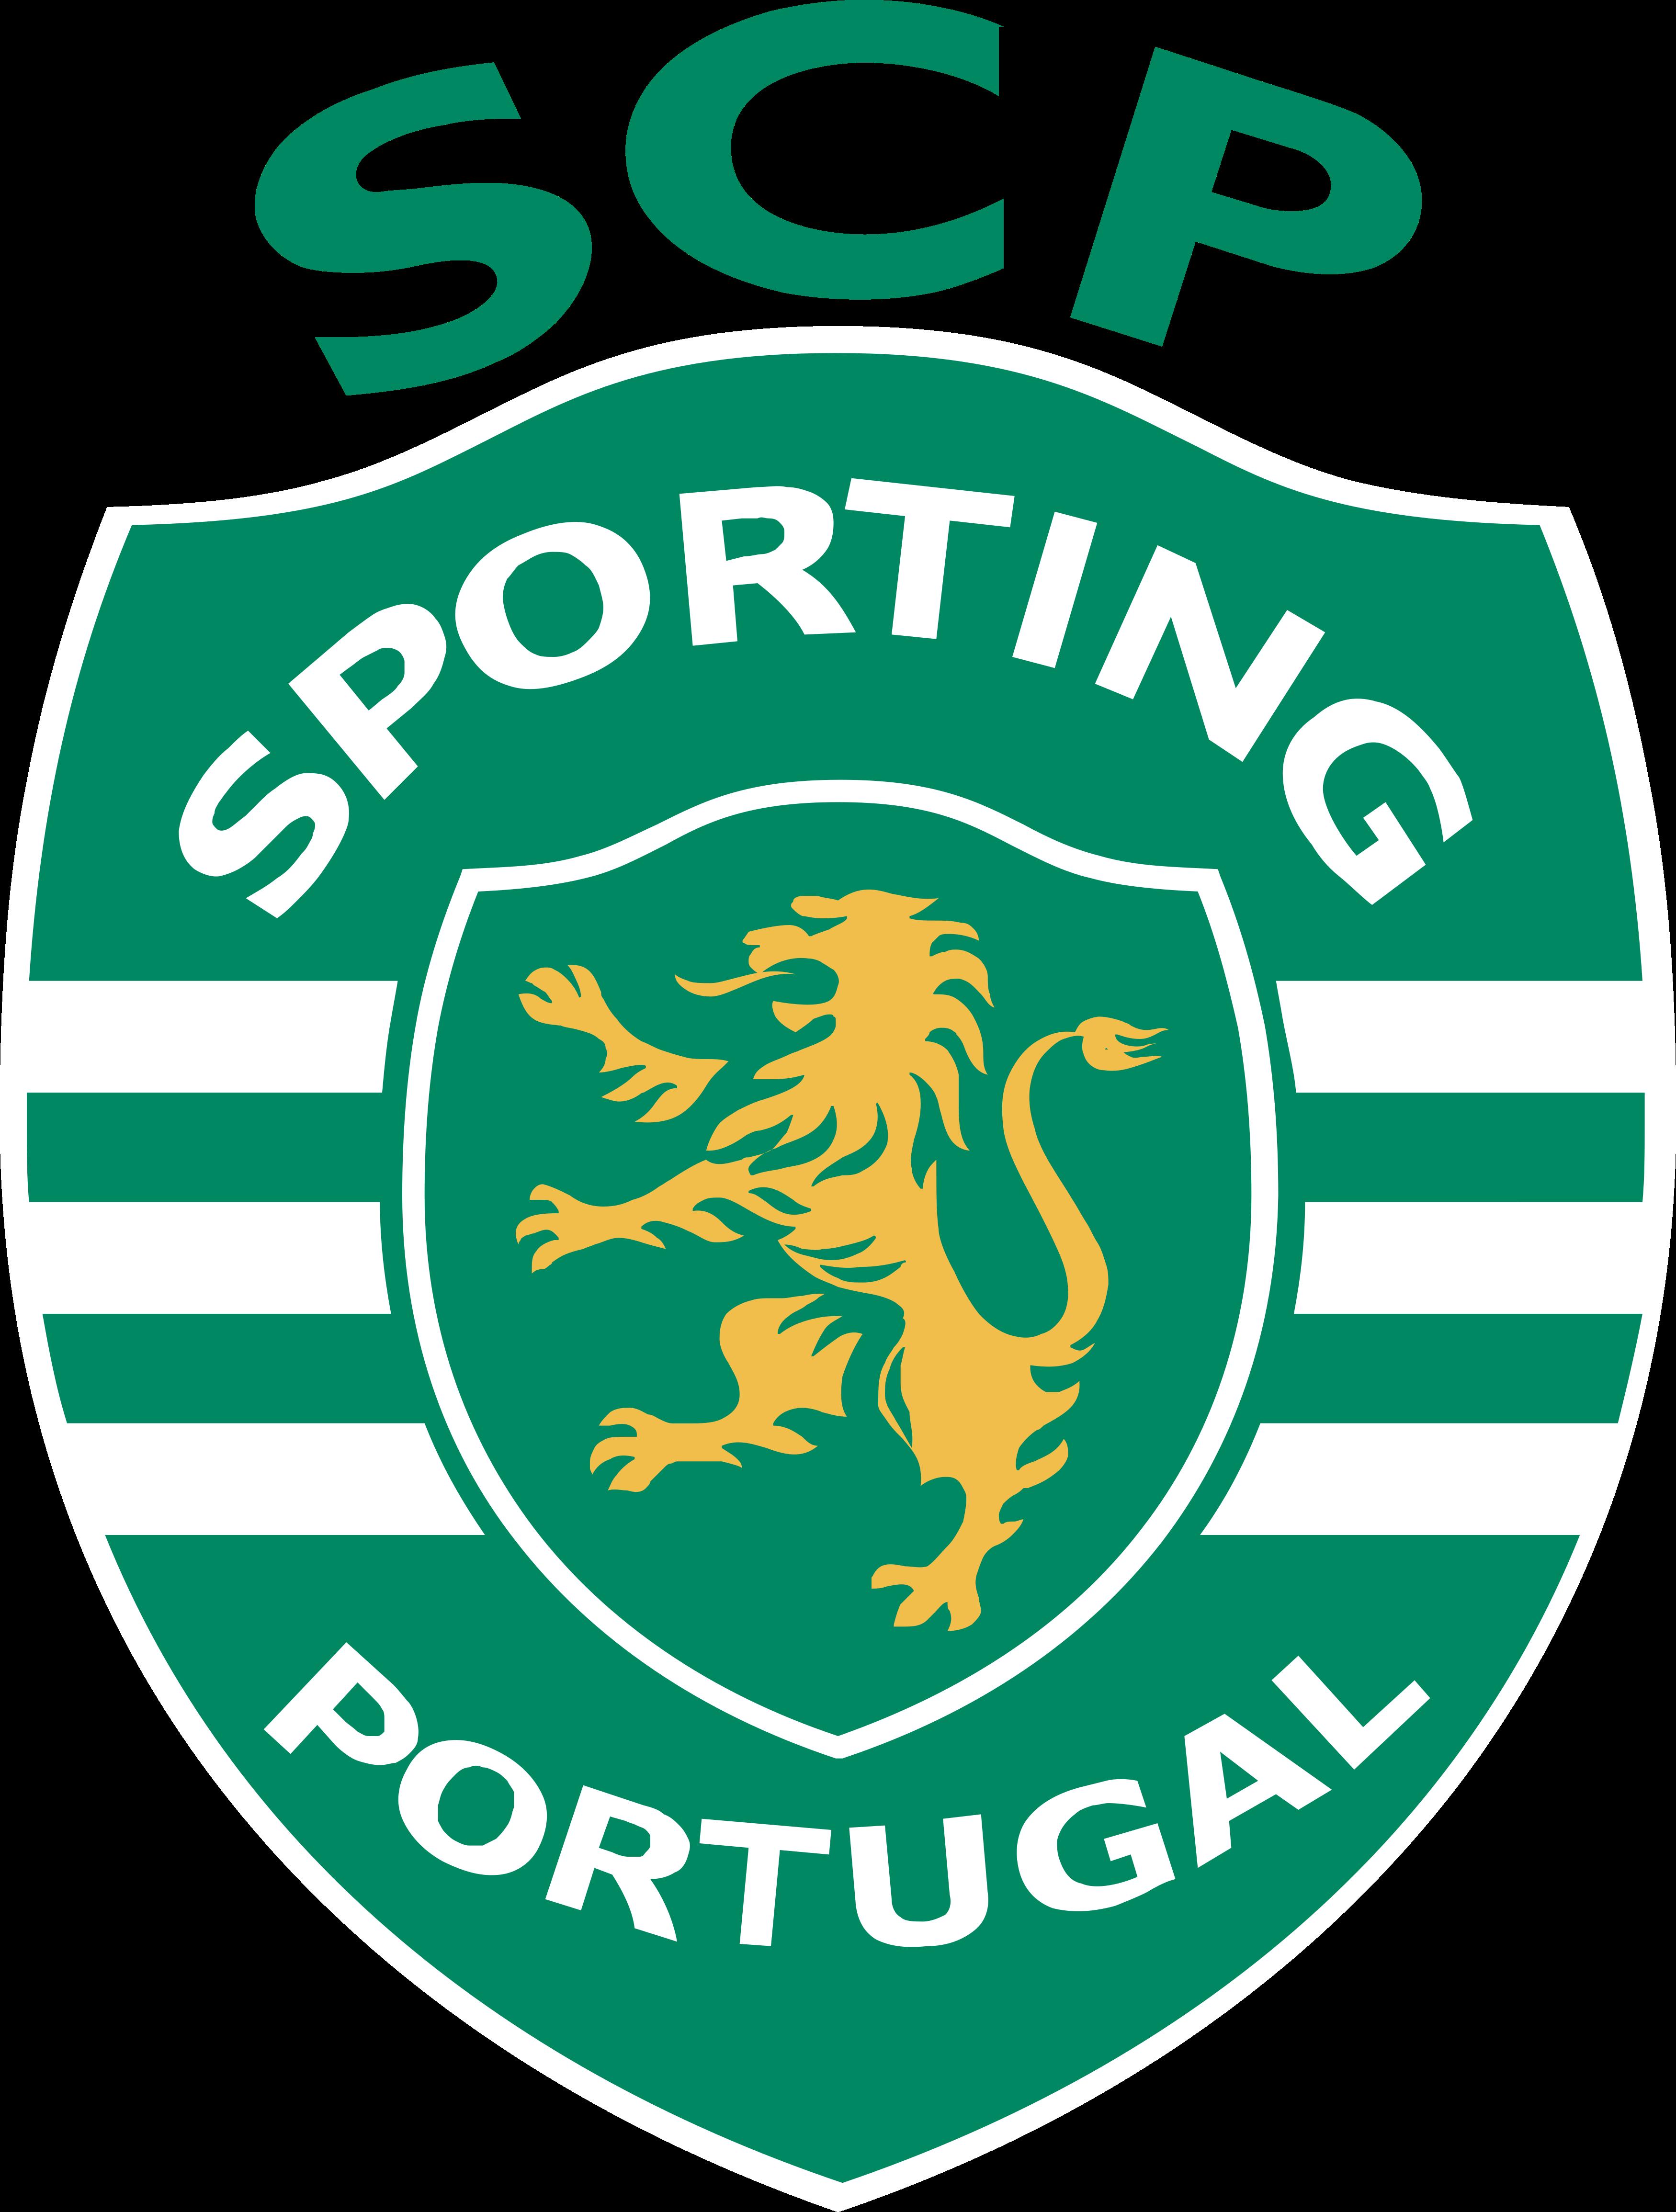 sporting clube de portugal logo escudo - Sporting Logo - Sporting Clube de Portugal Escudo